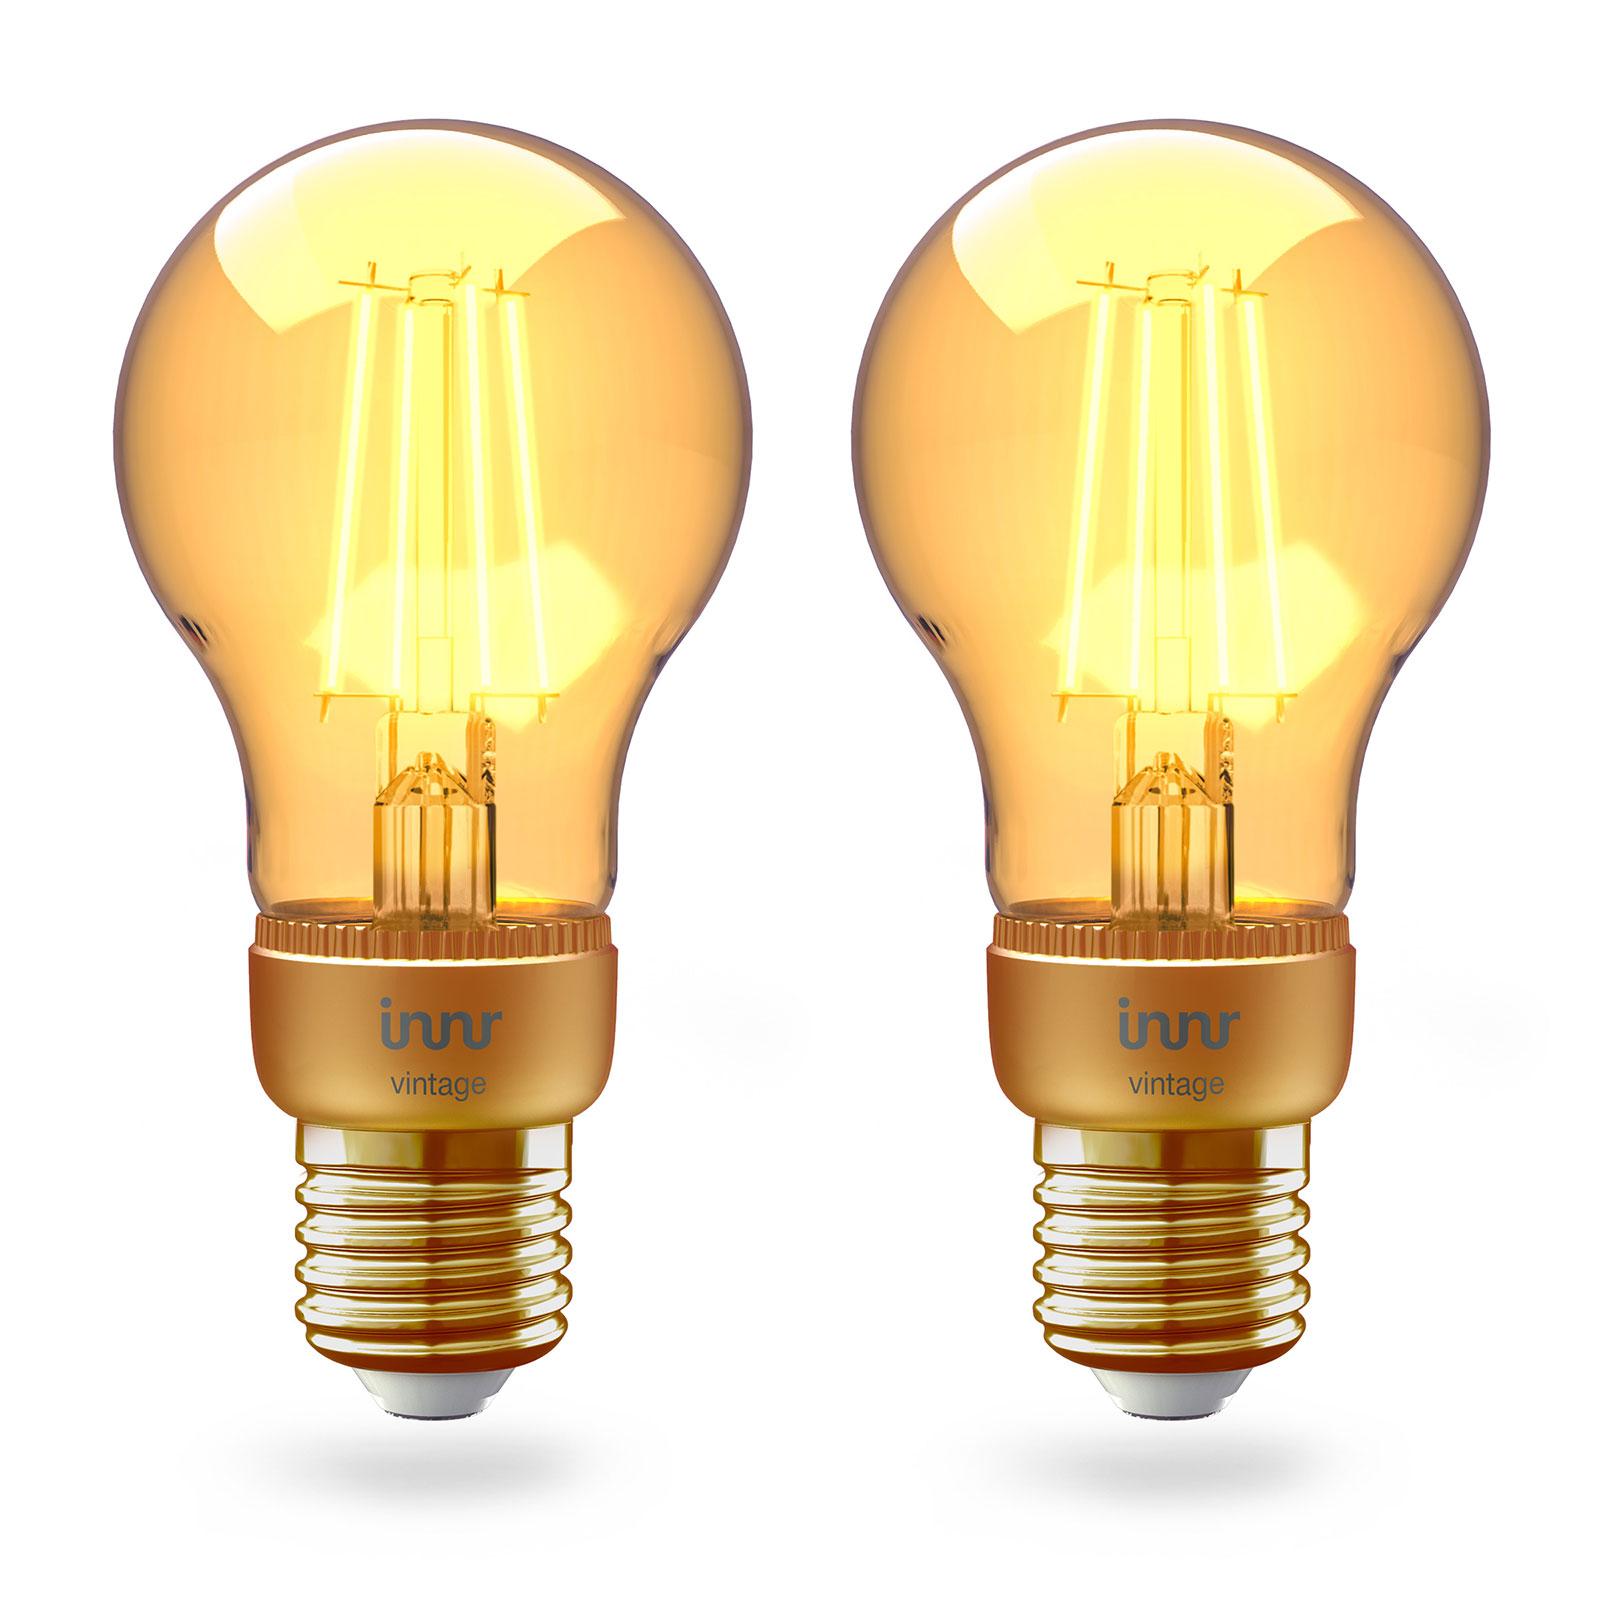 Innr LED E27 4,2W Smart Filament ciepła biel 2szt.